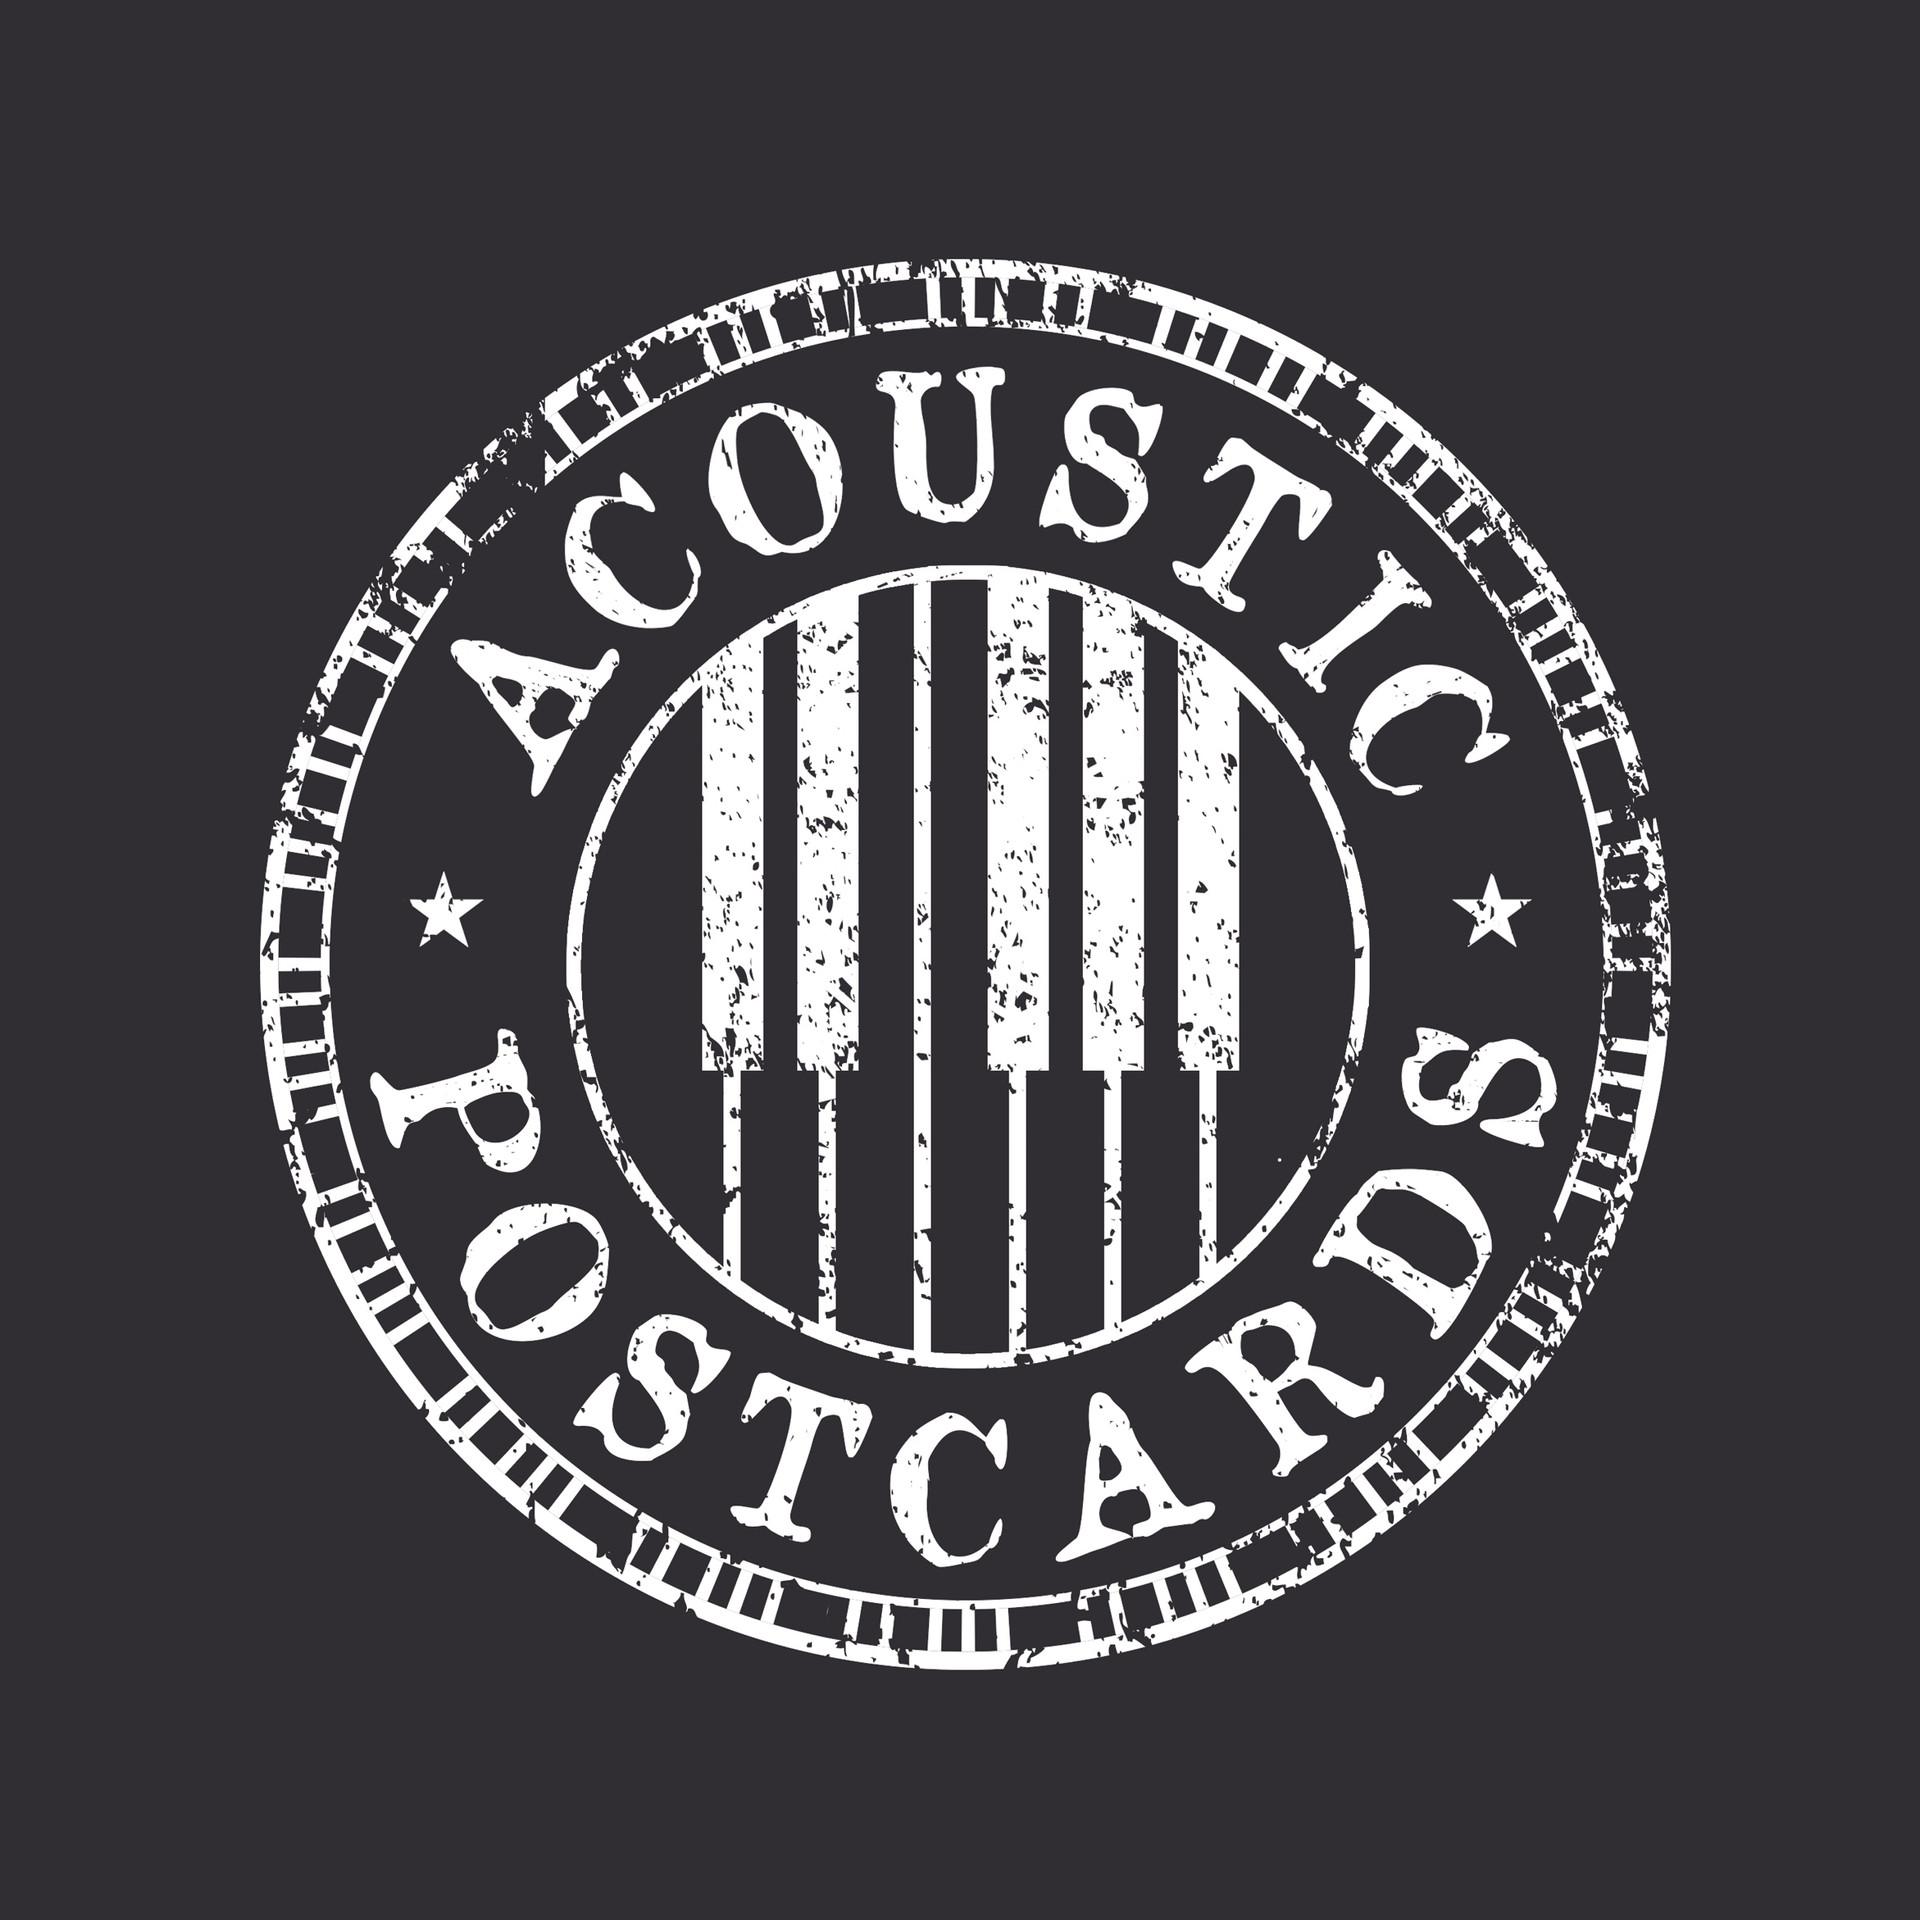 Acoustic Postcards